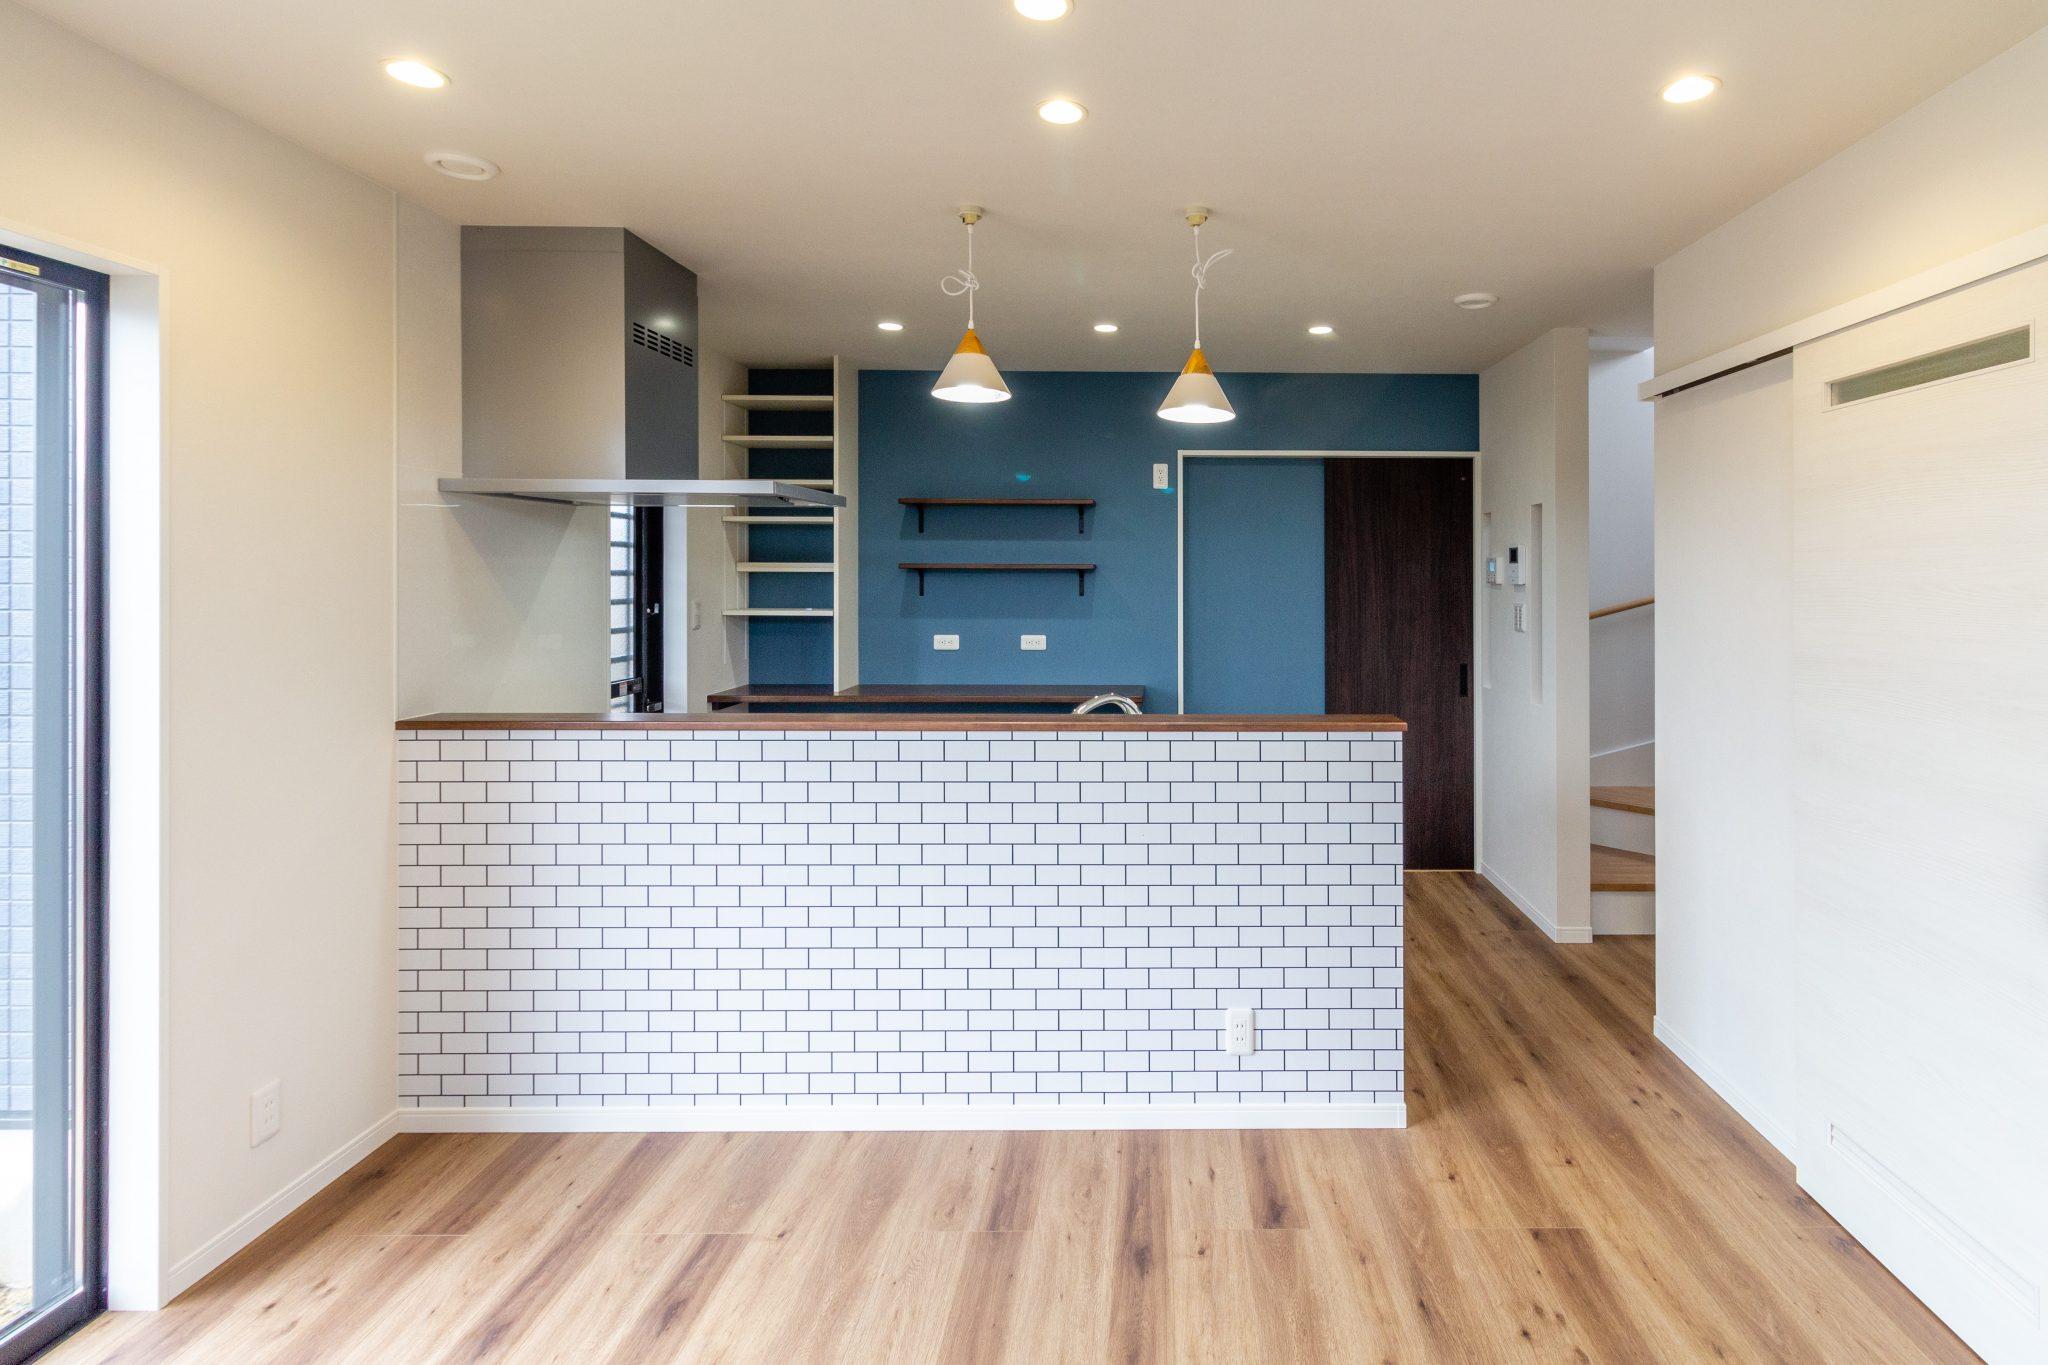 デザイン性と居心地を両立させたお家